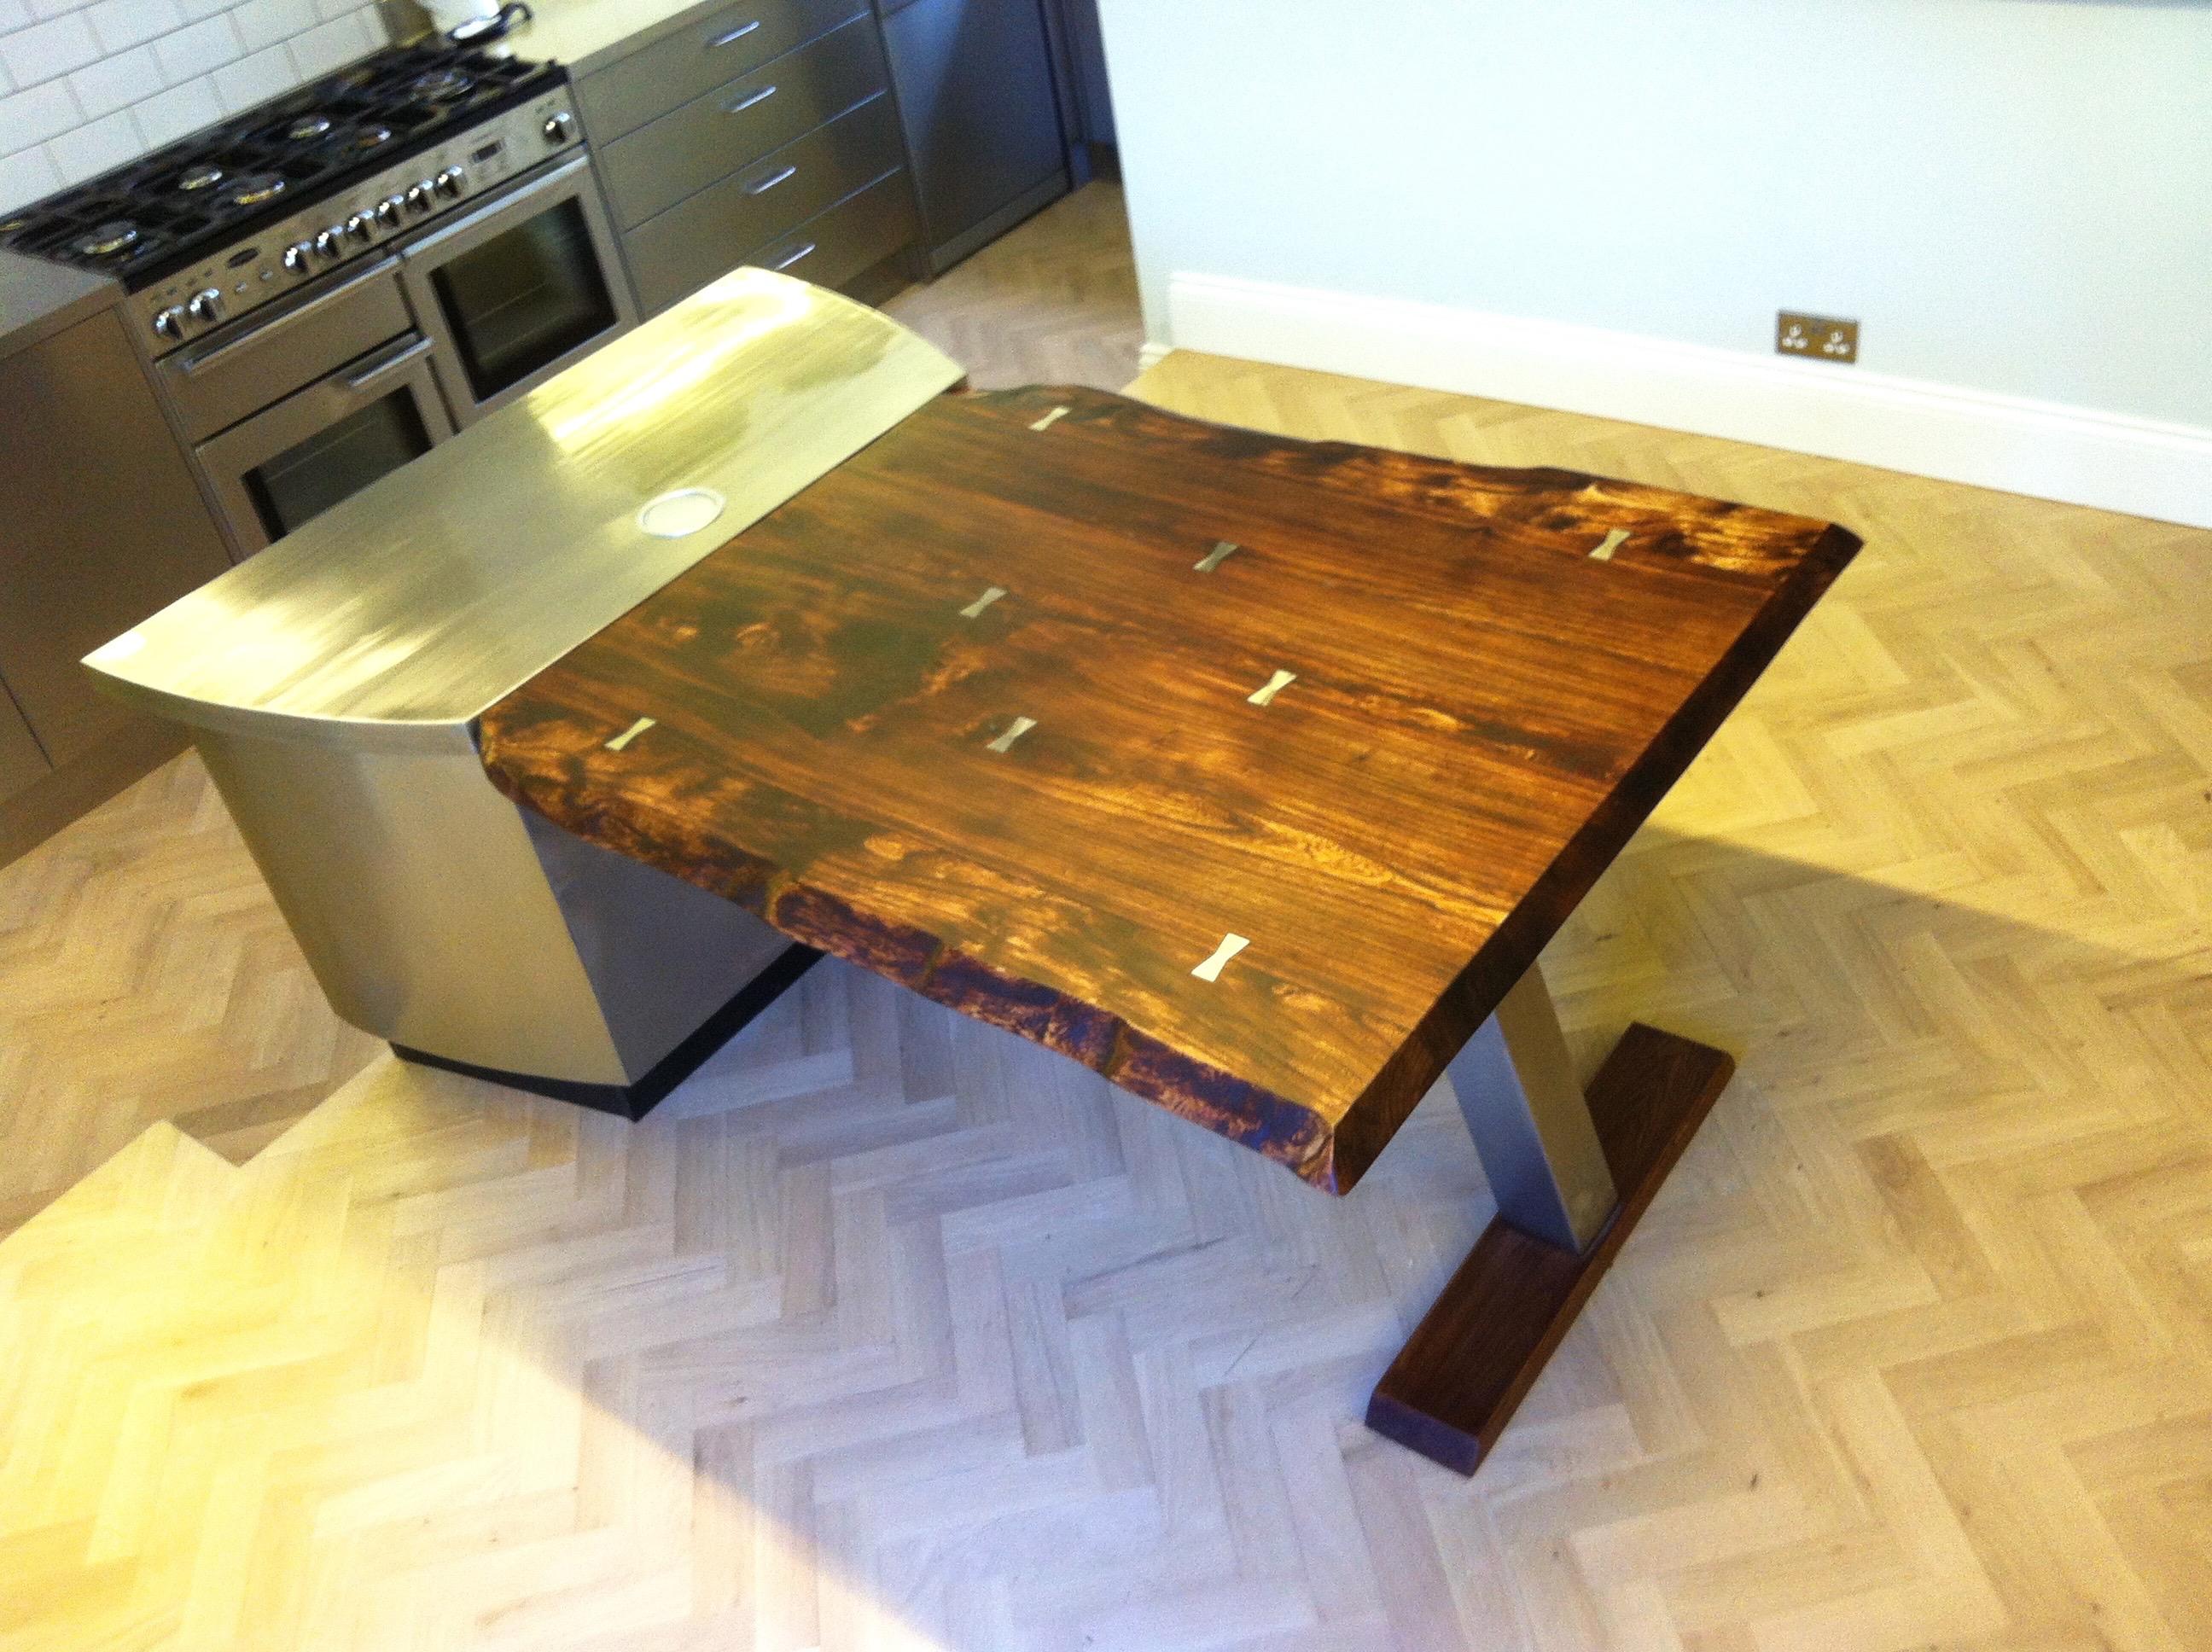 Table diner design server Elm Oak Natural Stainless Steel Plank ...